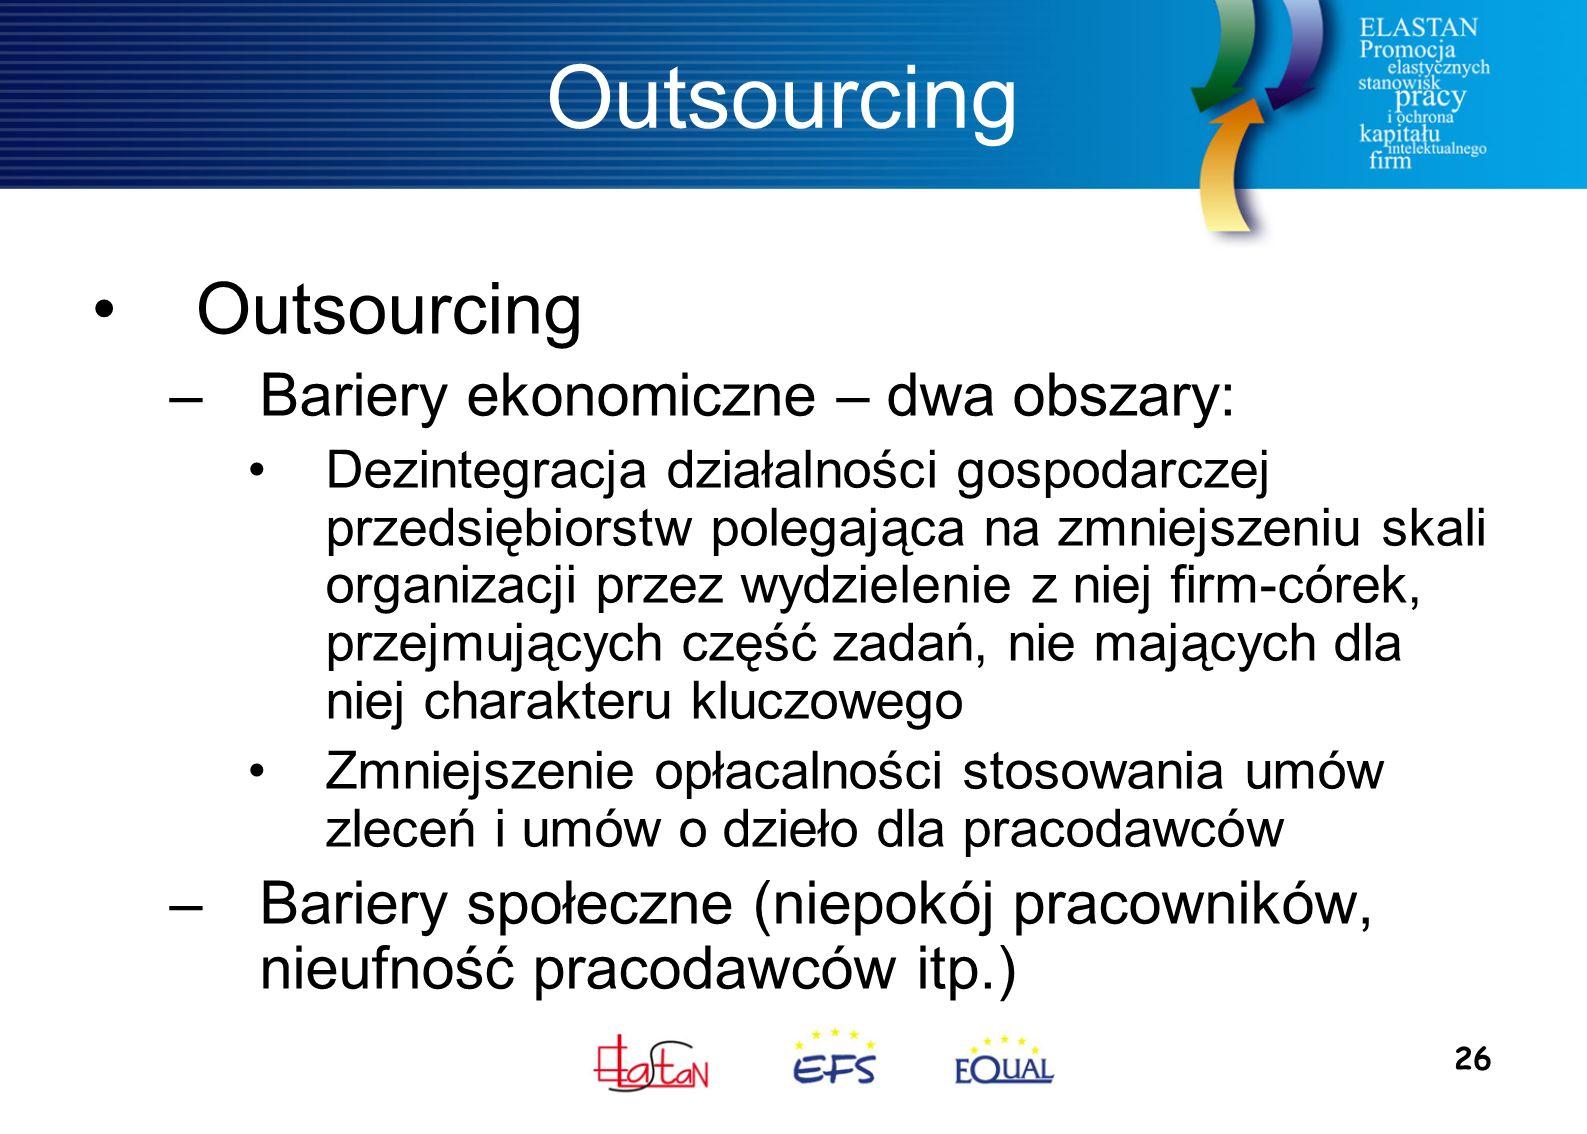 26 Outsourcing –Bariery ekonomiczne – dwa obszary: Dezintegracja działalności gospodarczej przedsiębiorstw polegająca na zmniejszeniu skali organizacji przez wydzielenie z niej firm-córek, przejmujących część zadań, nie mających dla niej charakteru kluczowego Zmniejszenie opłacalności stosowania umów zleceń i umów o dzieło dla pracodawców –Bariery społeczne (niepokój pracowników, nieufność pracodawców itp.)